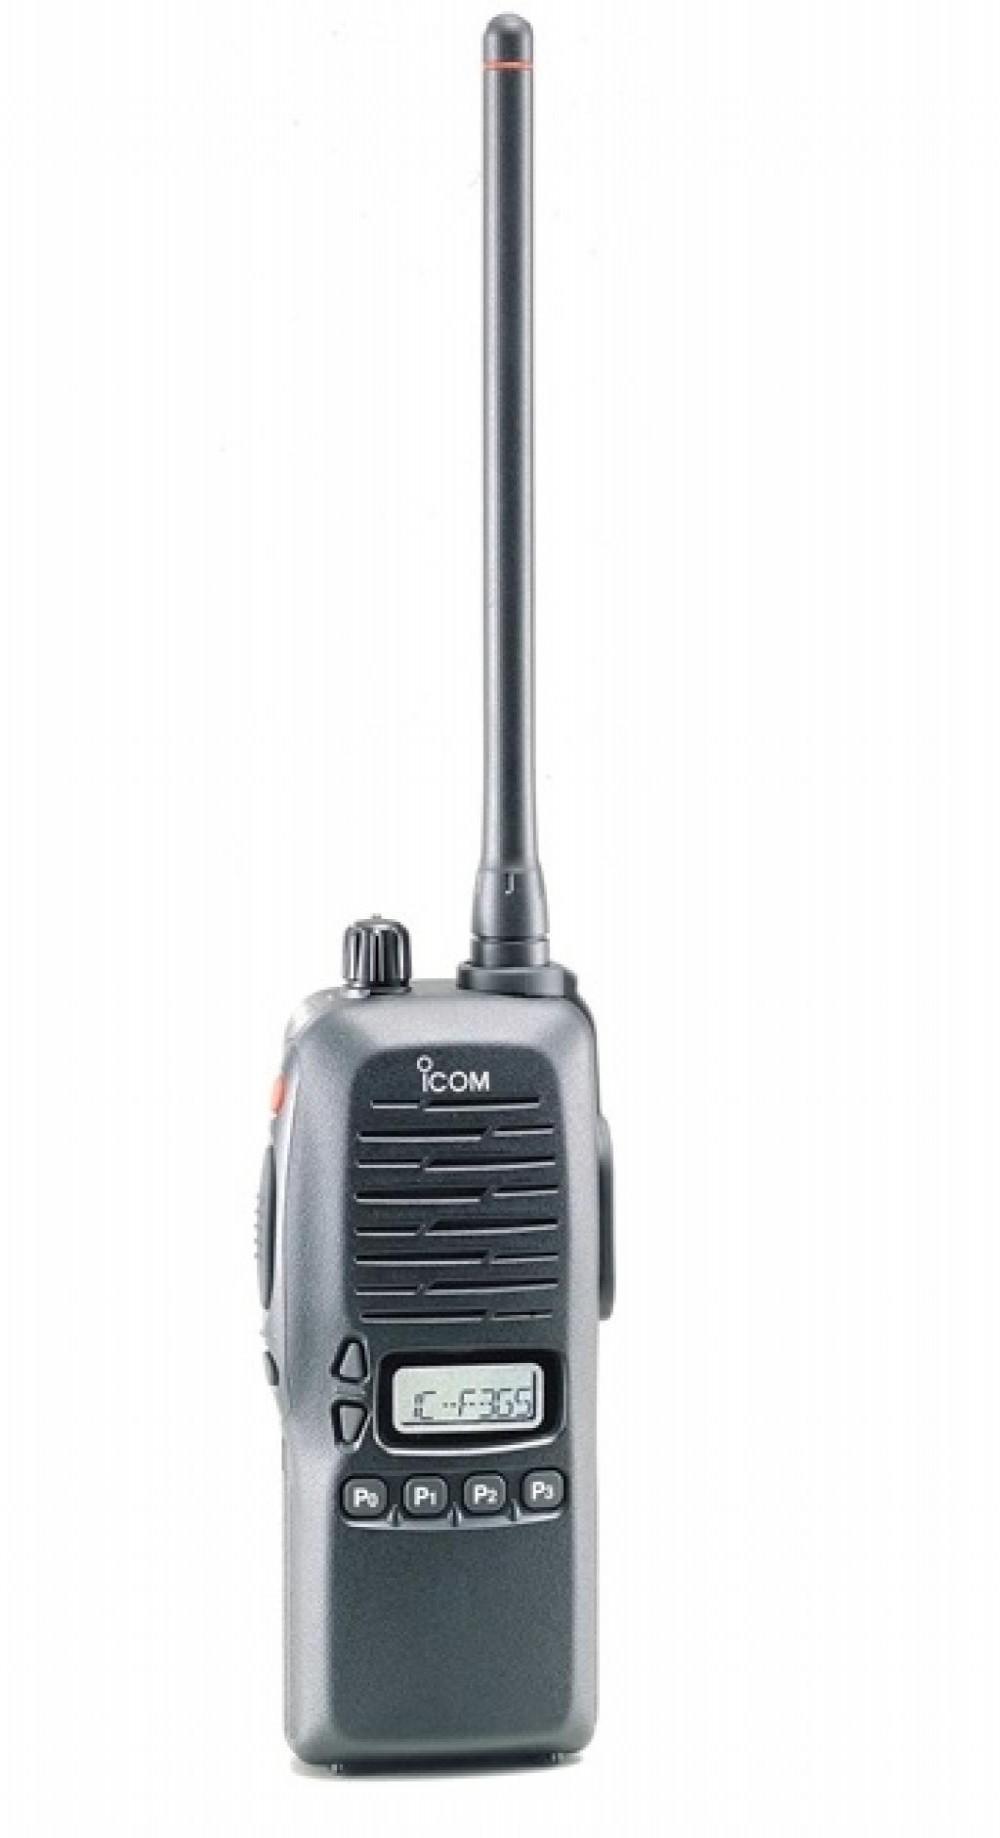 ICOM RADIO COMERCIAL IC-F3GT VHF